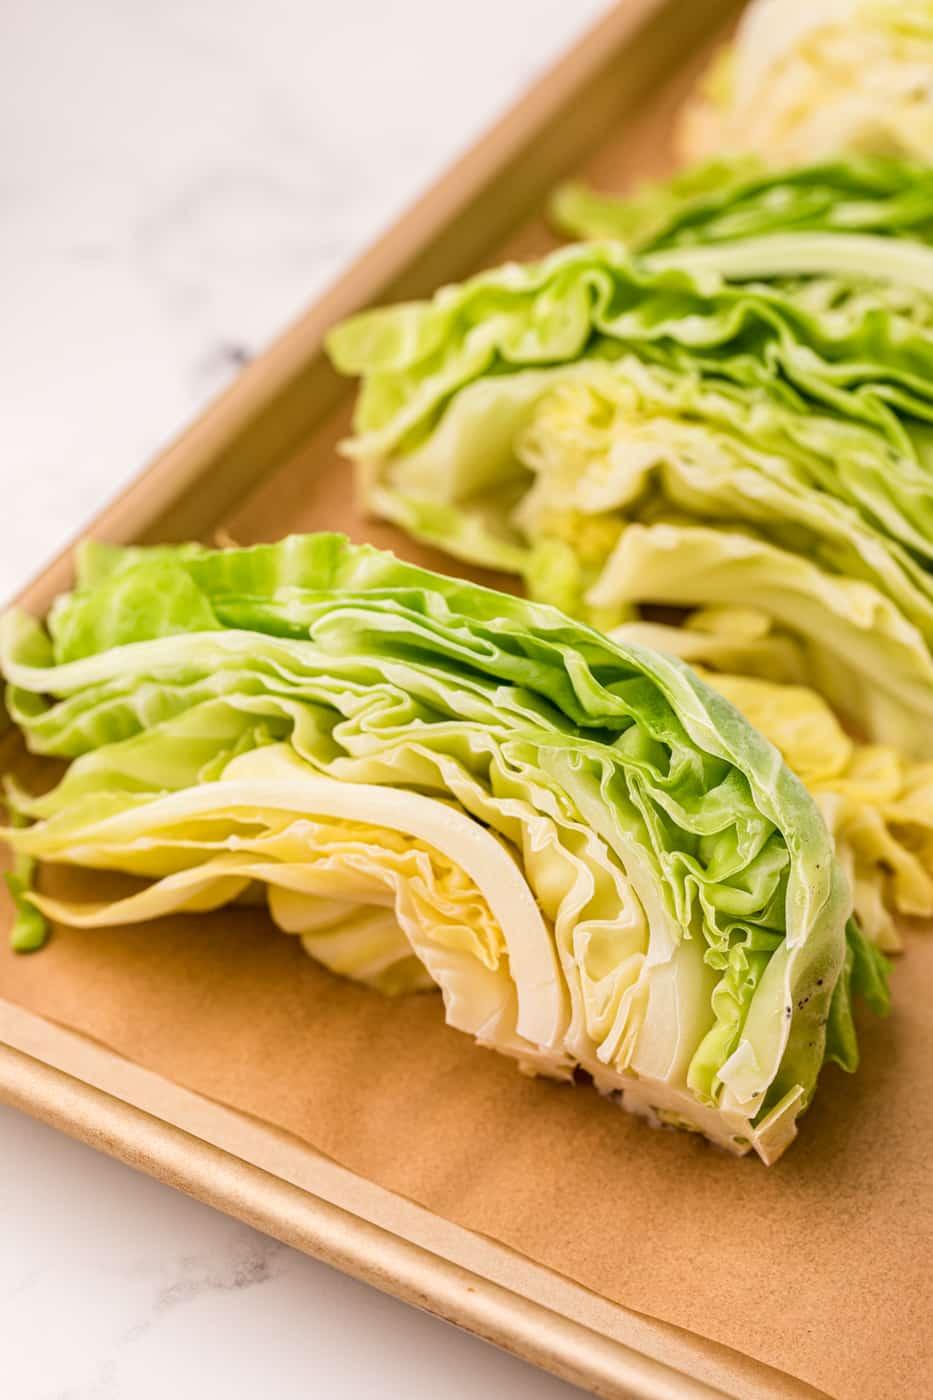 frozen cabbage slices